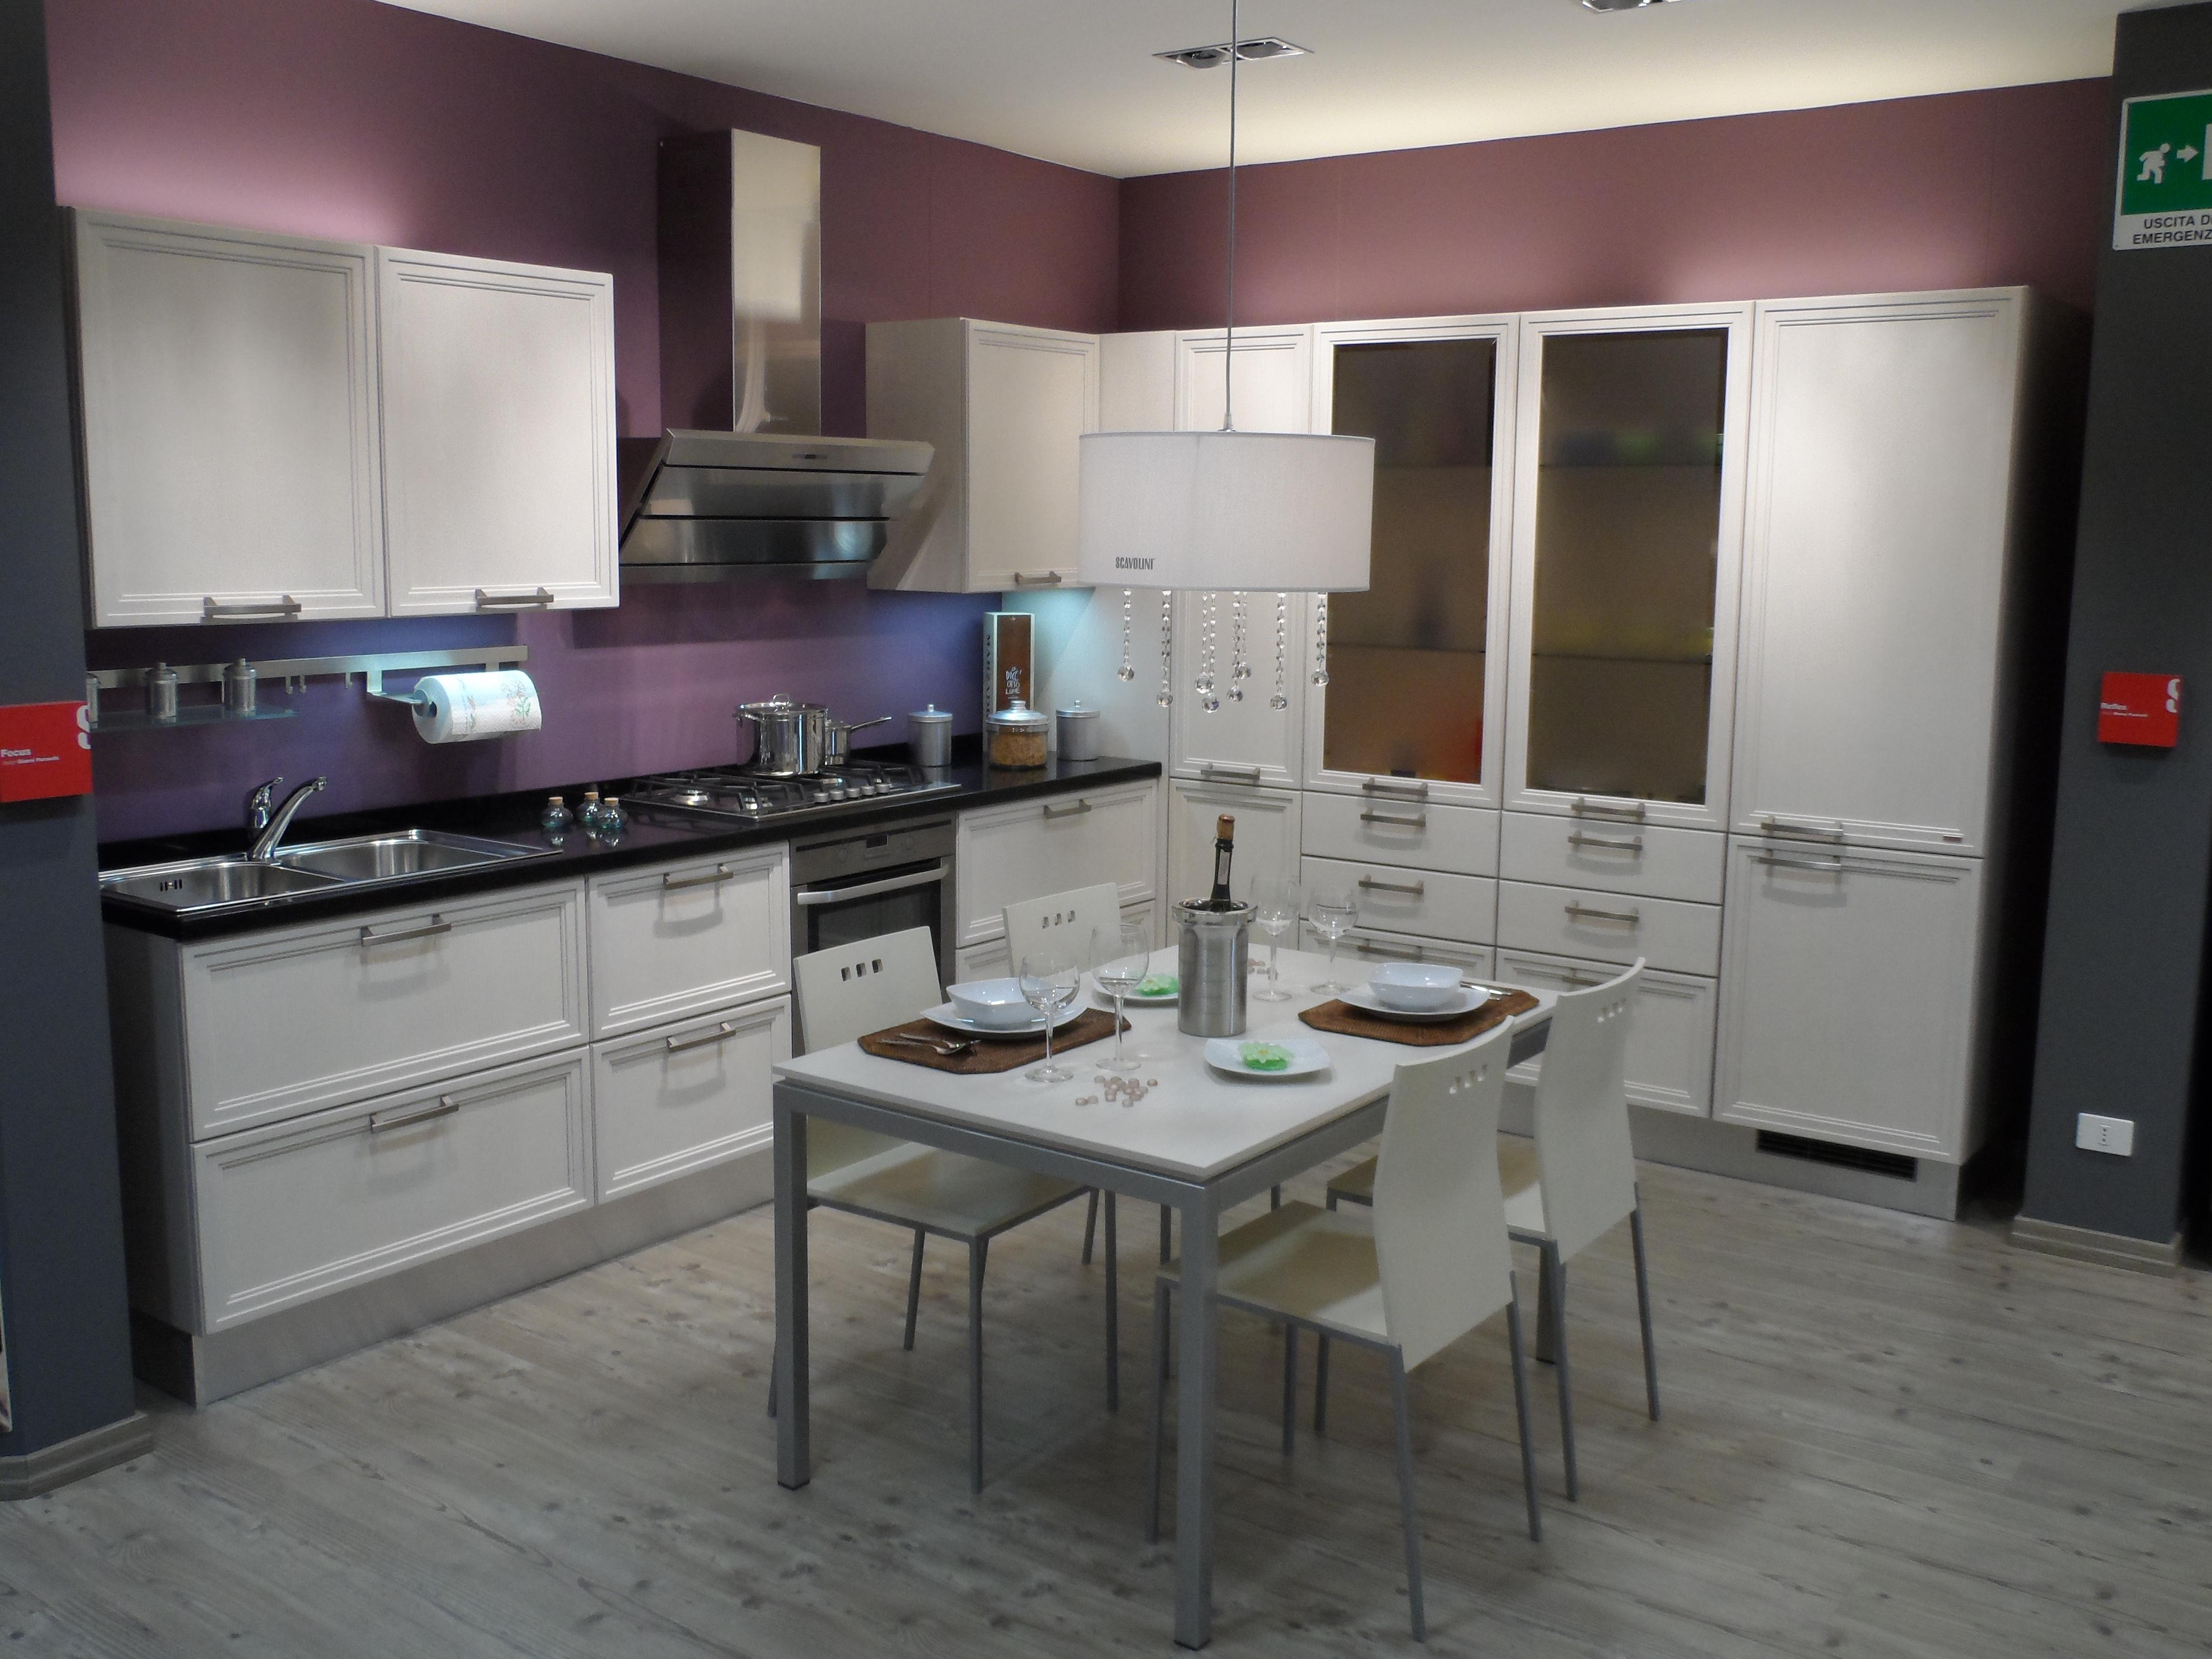 Cucina scavolini in offerta 11240 cucine a prezzi scontati - Prezzo cucine scavolini ...